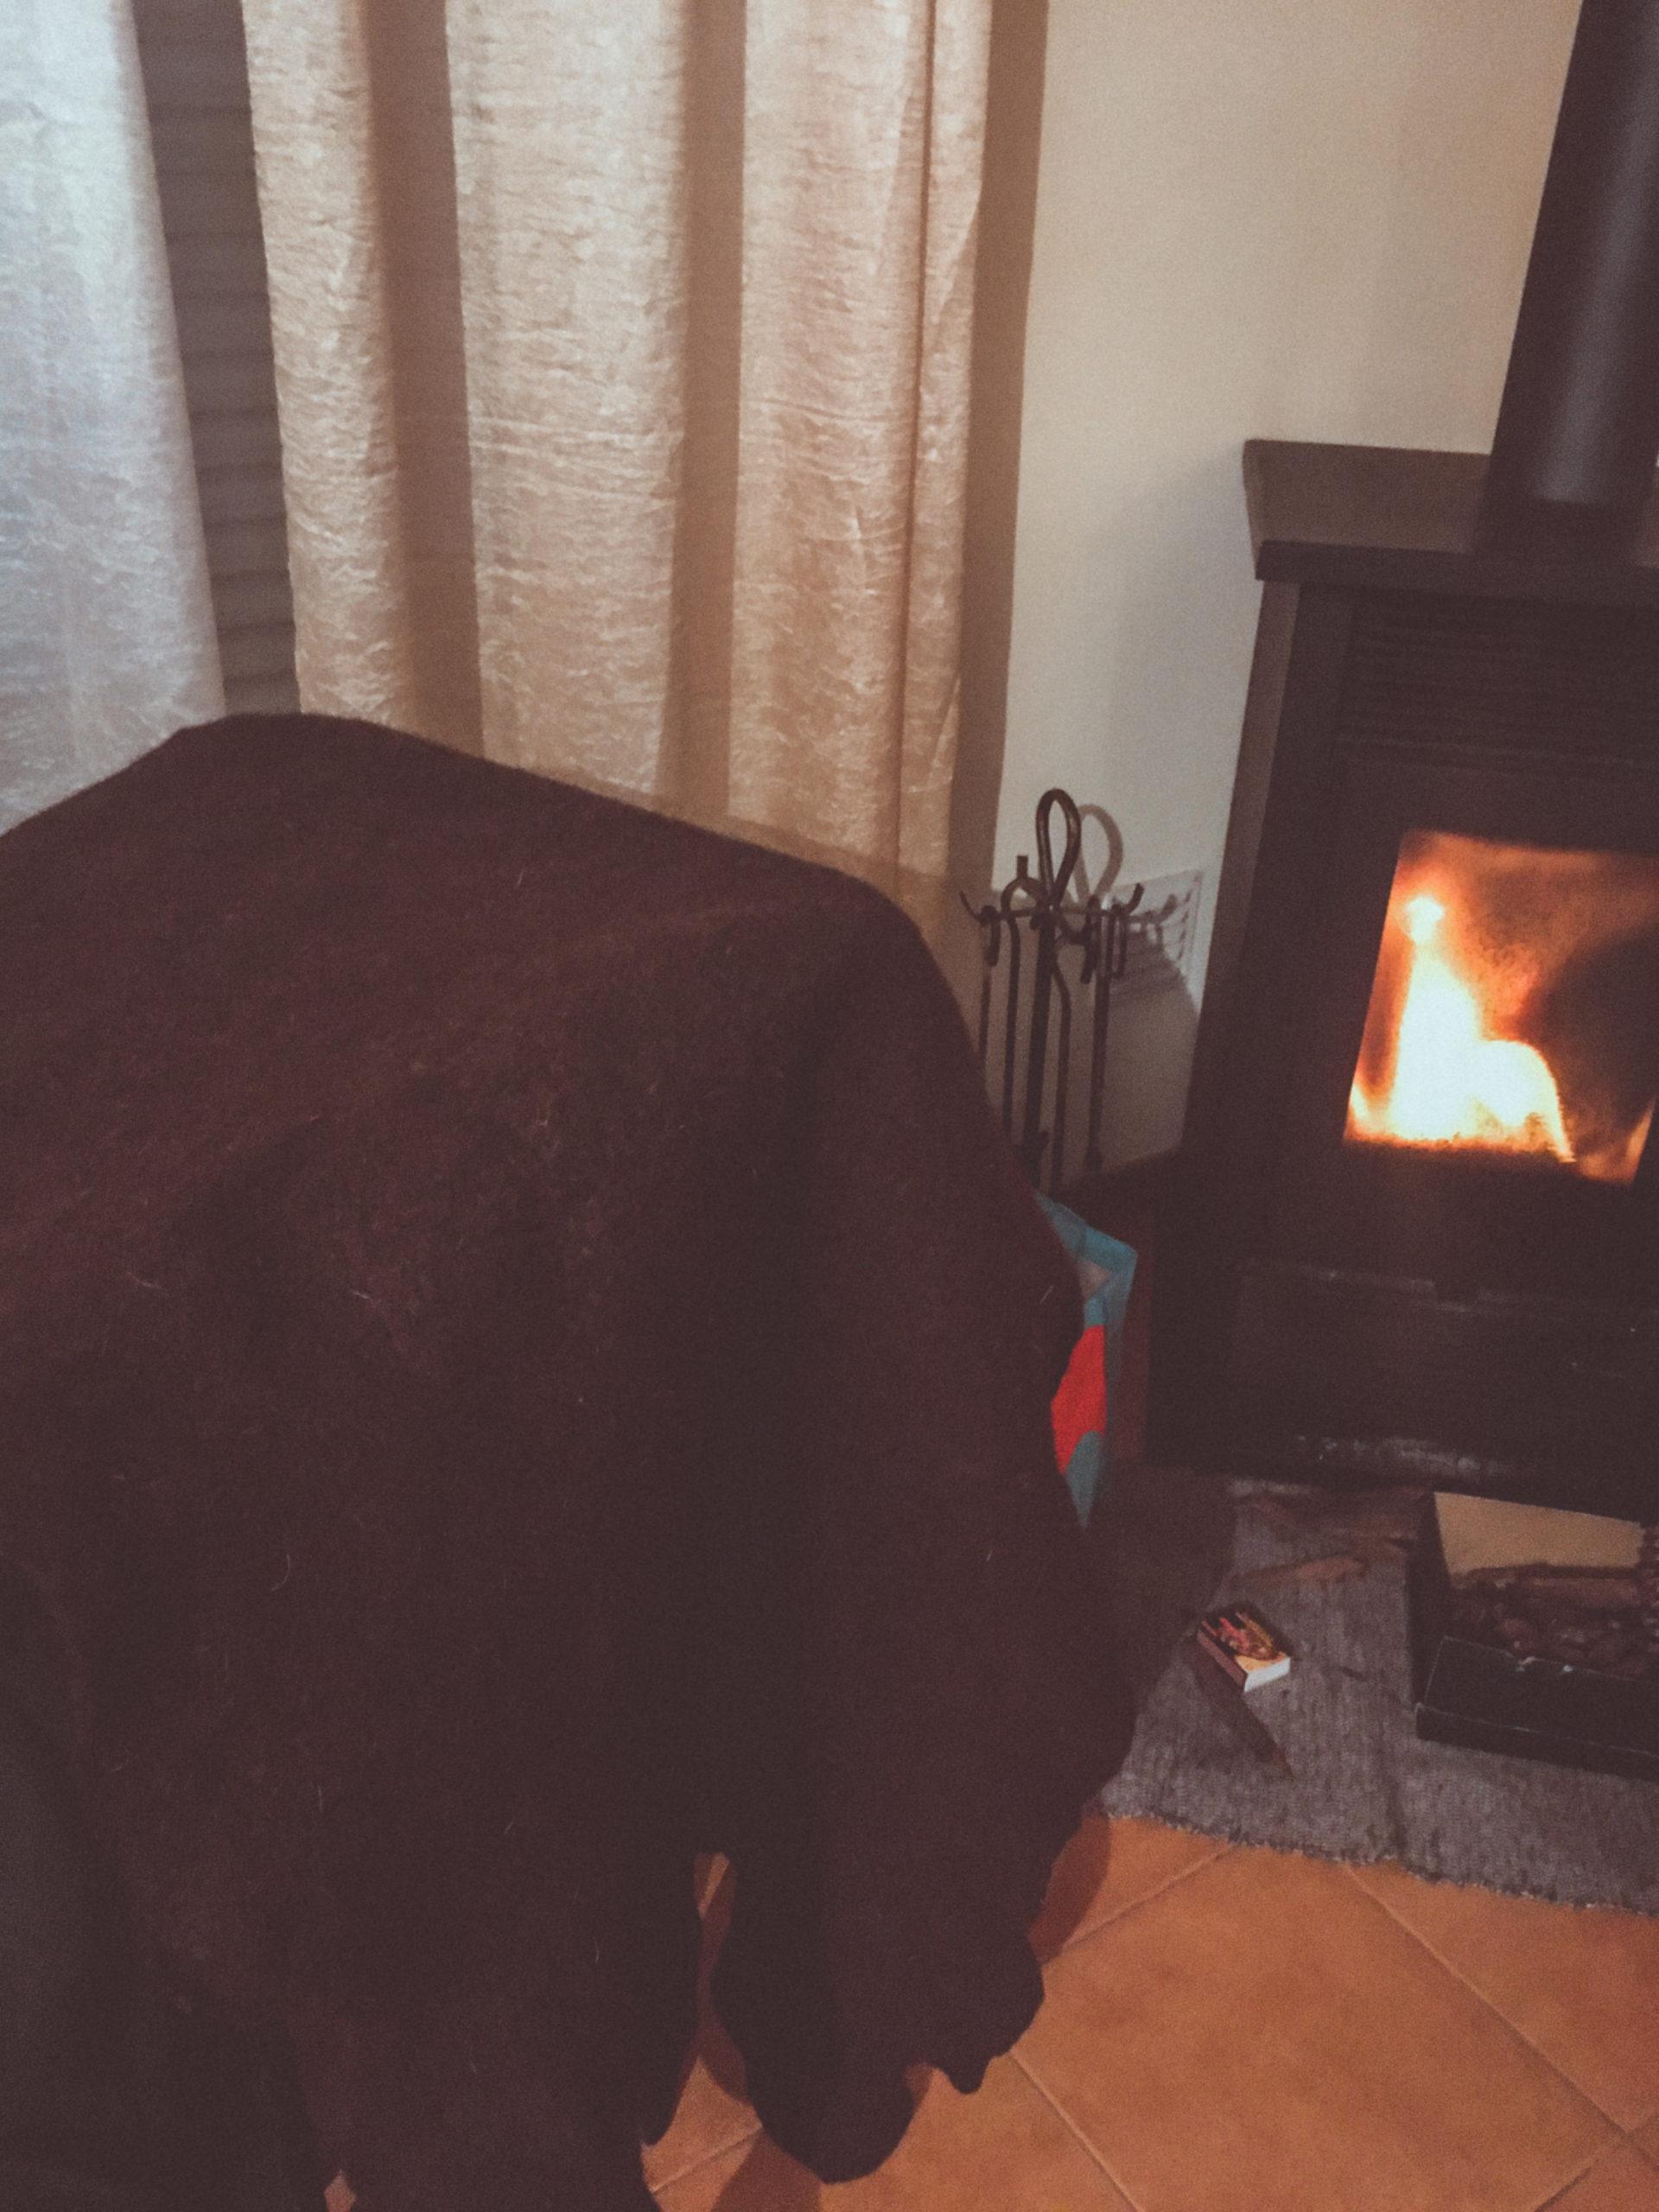 felt blanket by fireplace